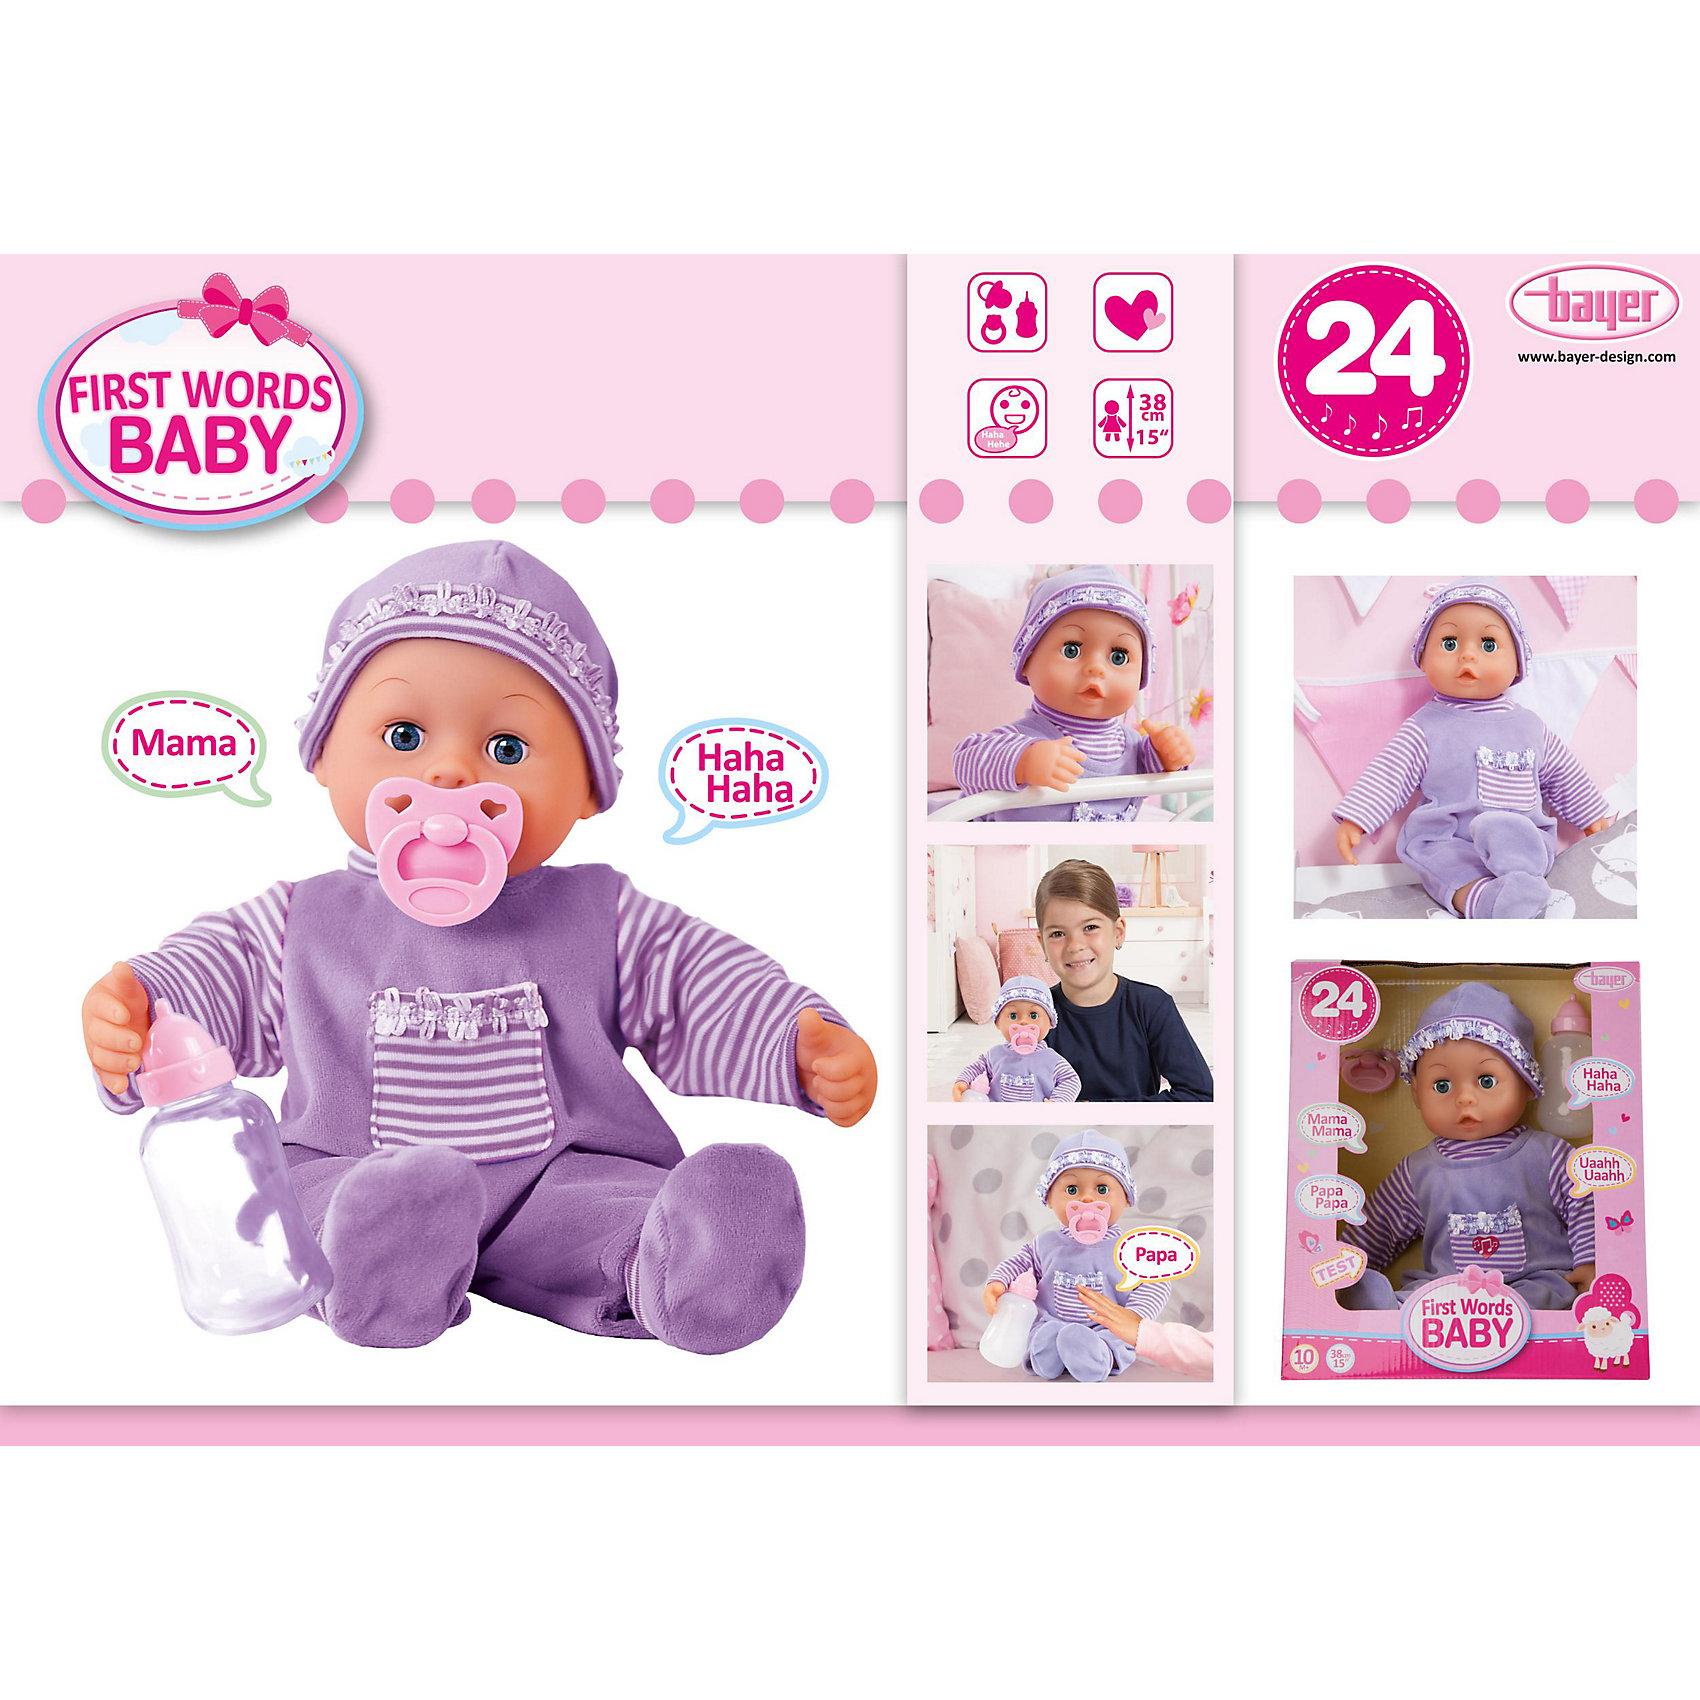 Малыш - Мои первые слова, 38 см, 4 функцииПупс- кукла Малыш - Мои первые слова от бренда Bayer(Байер) способен поднять настроение и развеселить ребенка. Он умеет говорить мама и папа, смеяться и даже плакать! Малыш одет в синий костюмчик и шапочку. Что же делать, если карапуз плачет? Конечно дать ему соску или бутылочку! Малыш станет прекрасным подарком ребенку, любящему  сюжетно-ролевые игры.<br><br>Дополнительная информация:<br>Материал: пластик, текстиль<br>Высота: 38 см<br><br>Куклу Малыш - мои первые слова Bayer(Байер) можно купить в нашем интернет-магазине.<br><br>Ширина мм: 312<br>Глубина мм: 271<br>Высота мм: 182<br>Вес г: 711<br>Возраст от месяцев: 24<br>Возраст до месяцев: 60<br>Пол: Женский<br>Возраст: Детский<br>SKU: 3195667